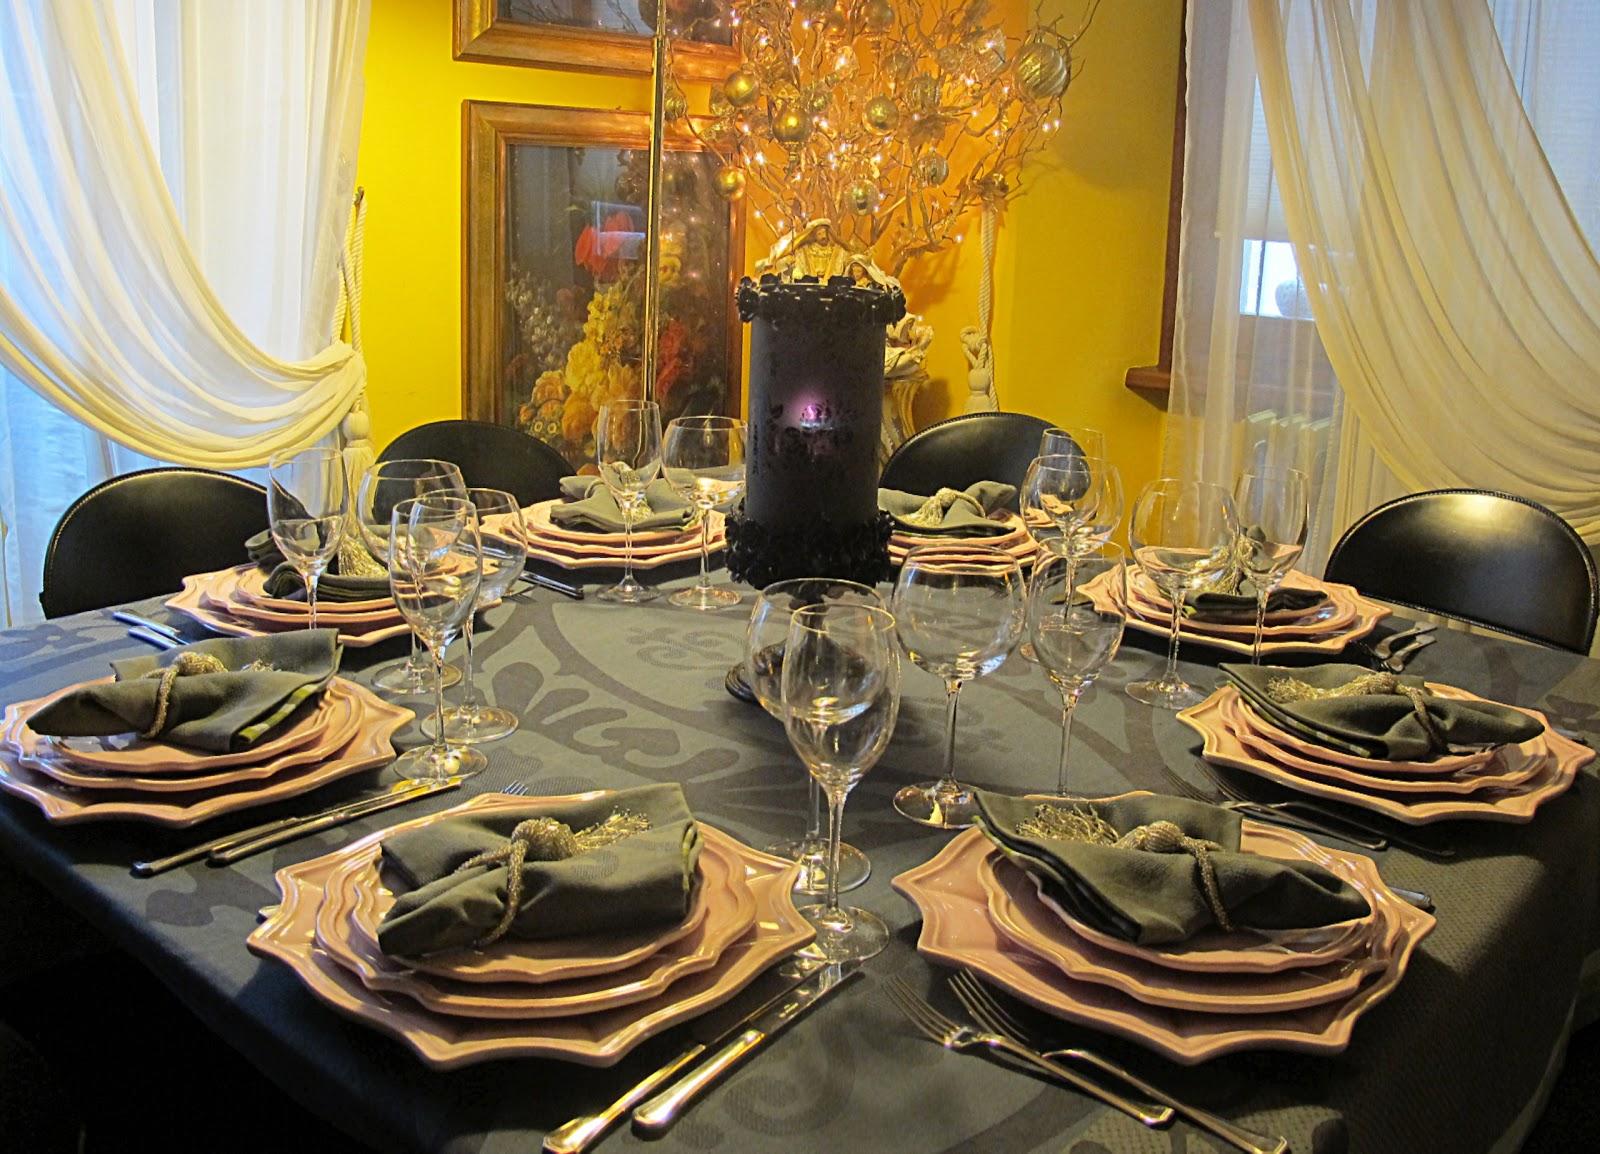 Tentazioni di gusto pranzo di natale 2012 for Tavole di natale